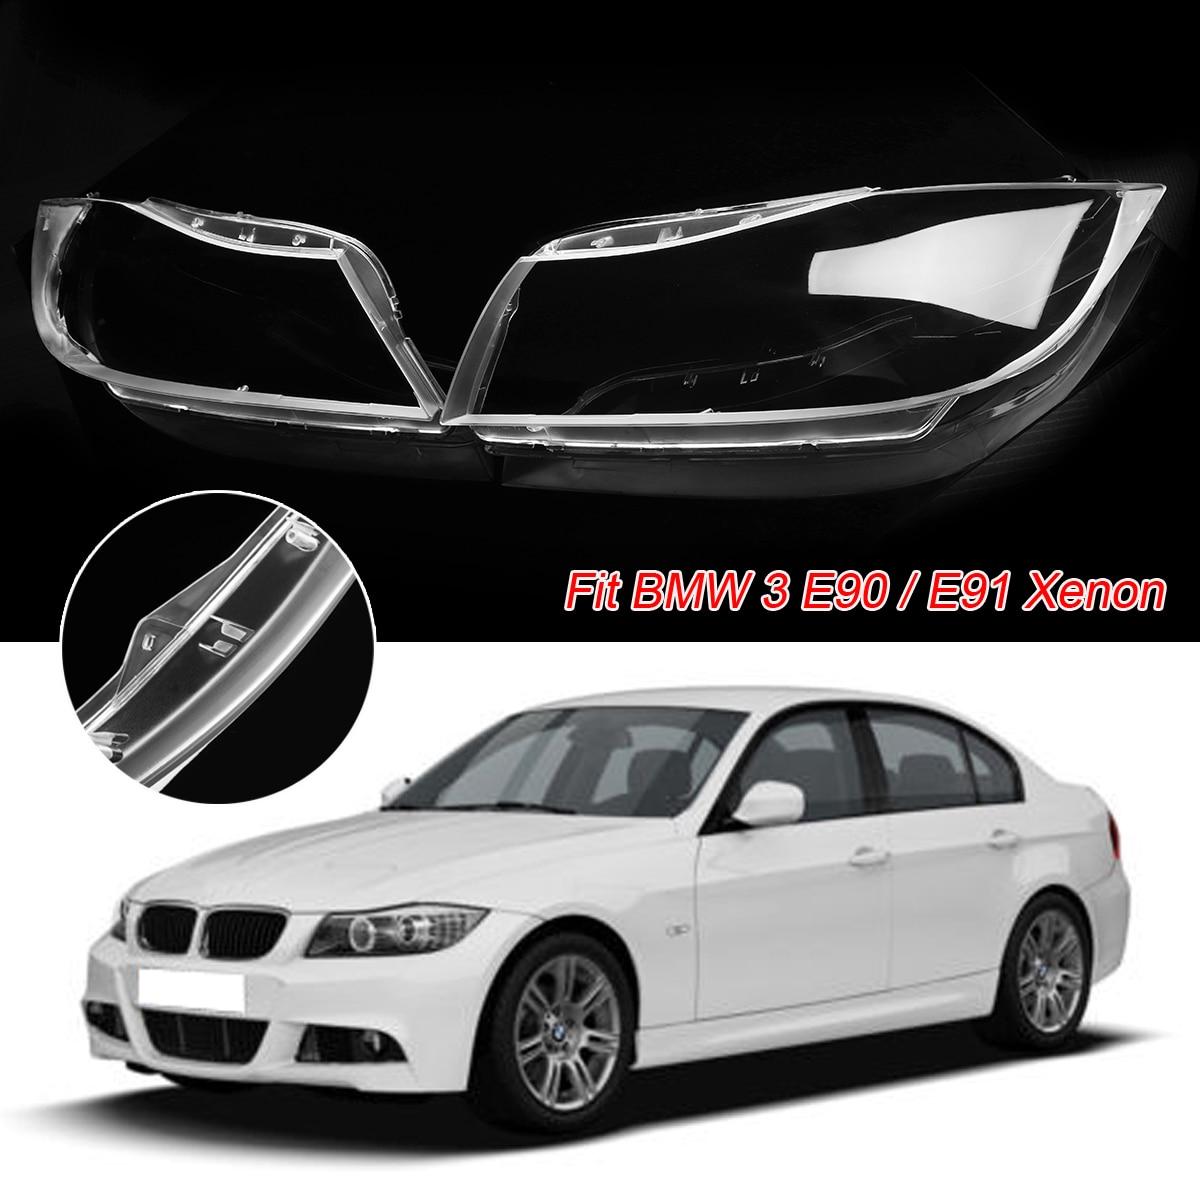 2 pz Lente Del Faro di Plastica Della Copertura Per BMW 3 E90 Sedan/E91 Touring Solo Per XENON Trasparente Del Faro Del Faro lente Coperture In Borsette